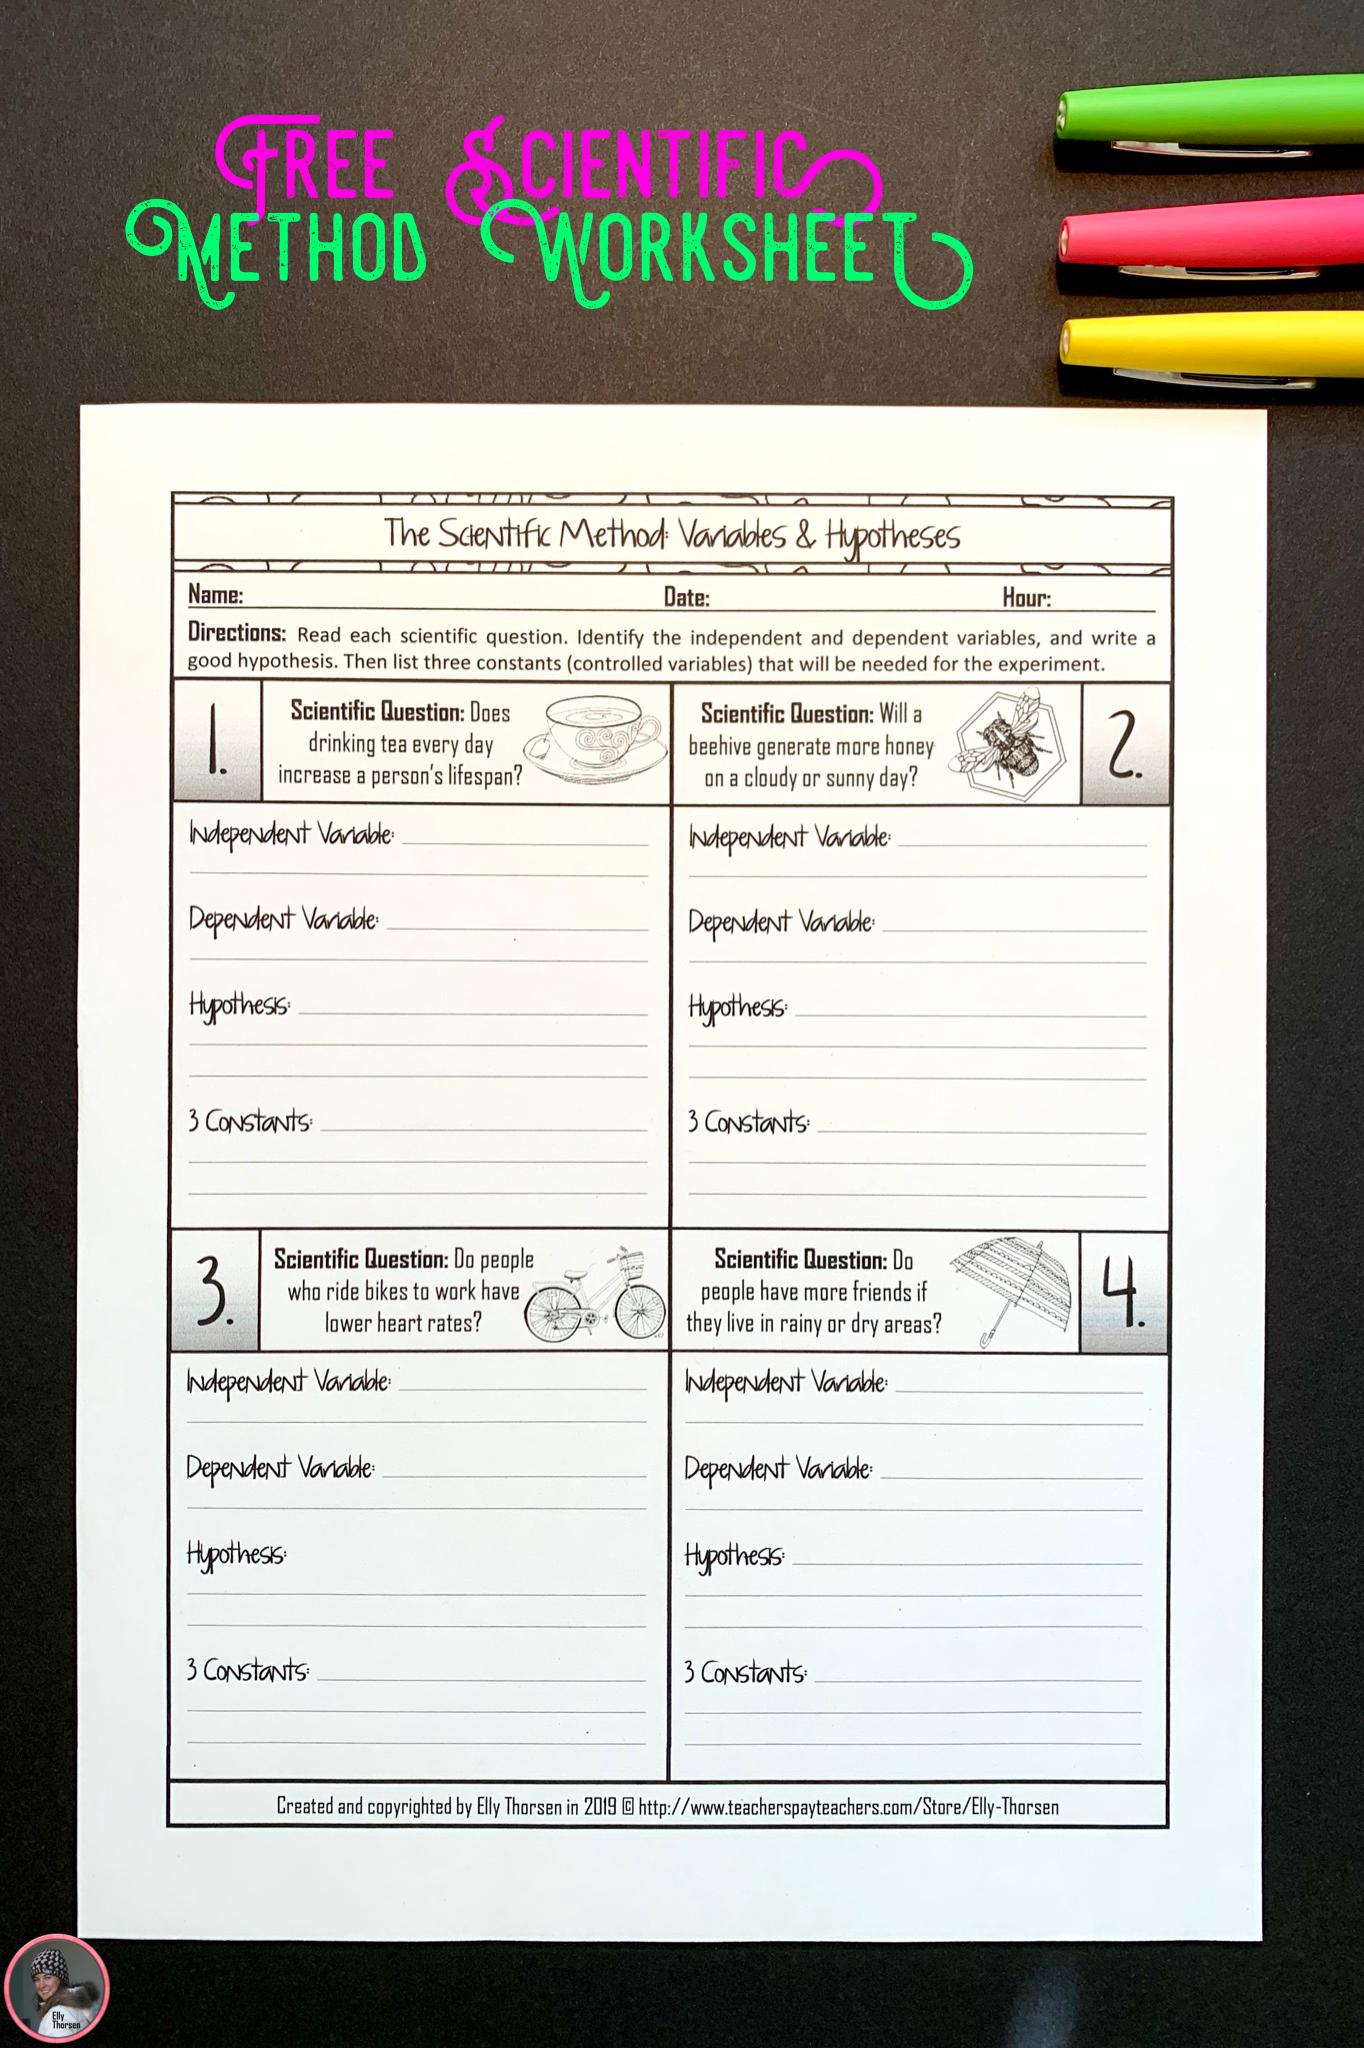 Free Experimental Design Worksheet For Middle School Science Middle School Science Middle School Science Resources Free Science Lesson